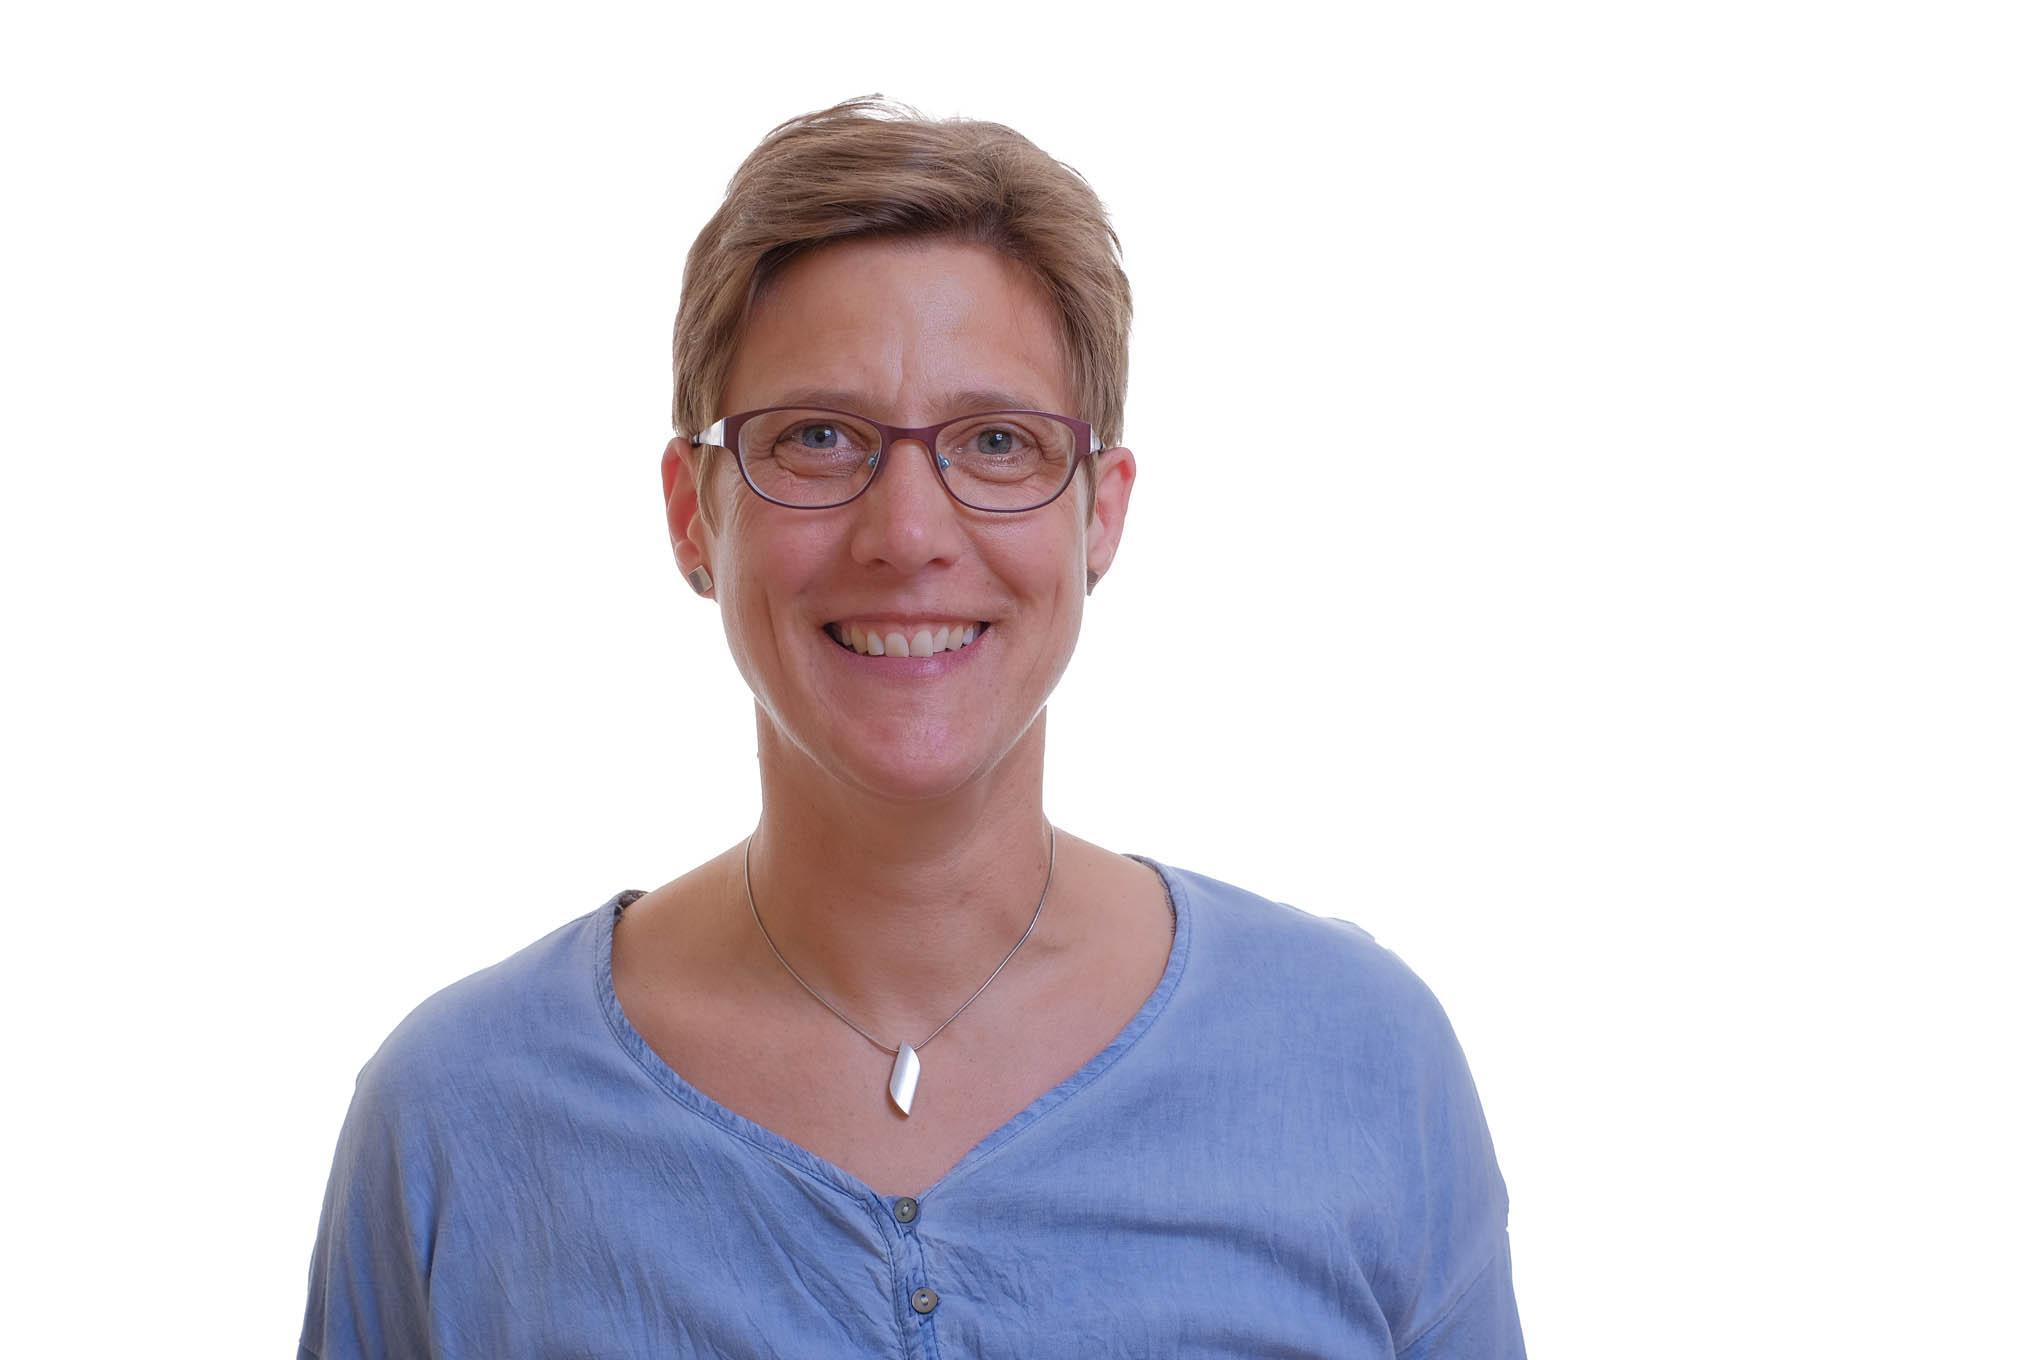 Silke Elkemann-Reusch